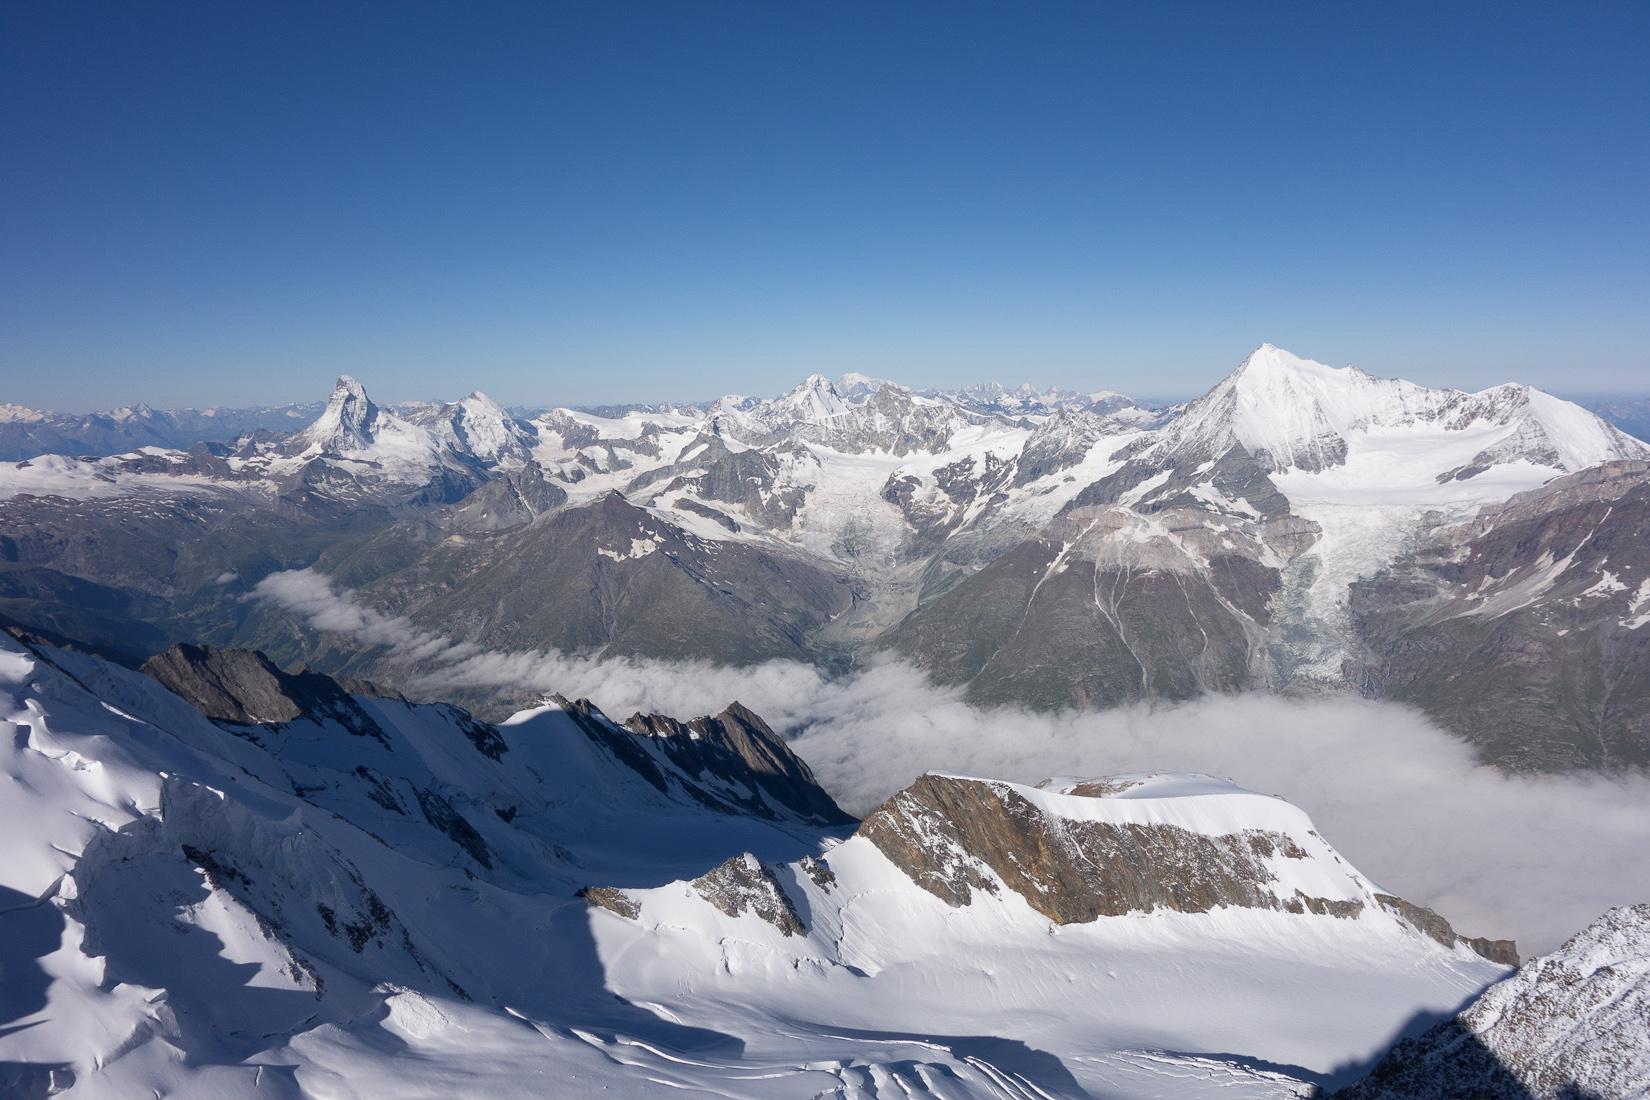 Matterhorn & Weisshorn